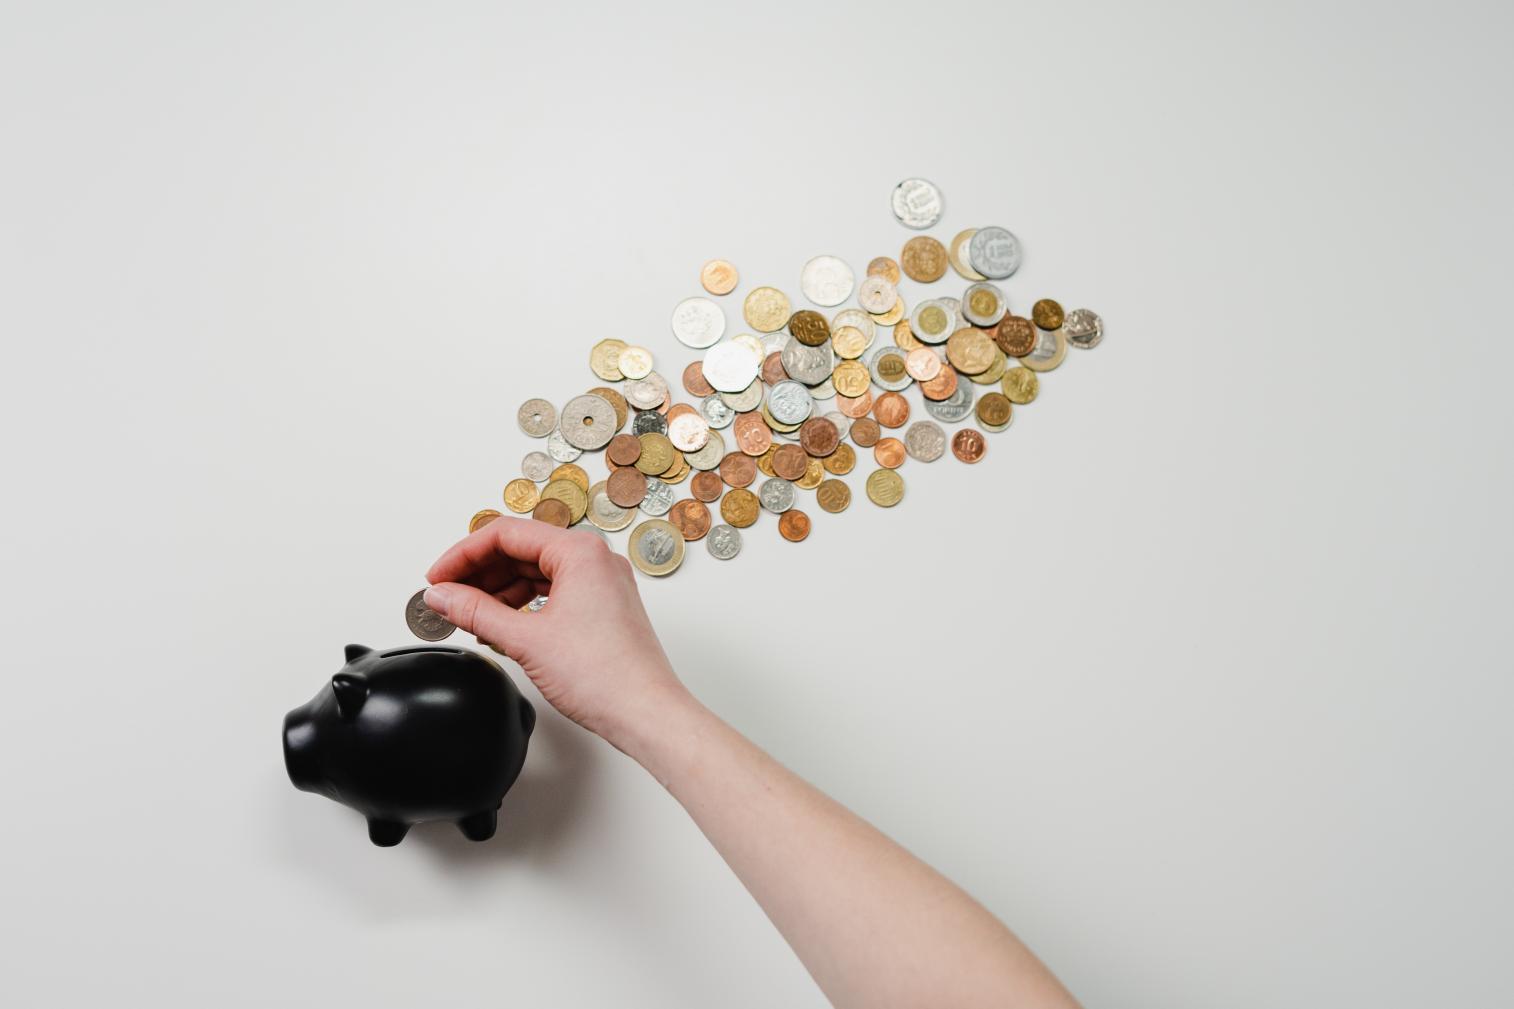 Conta conjunta ou separada? Como casais devem organizar o dinheiro